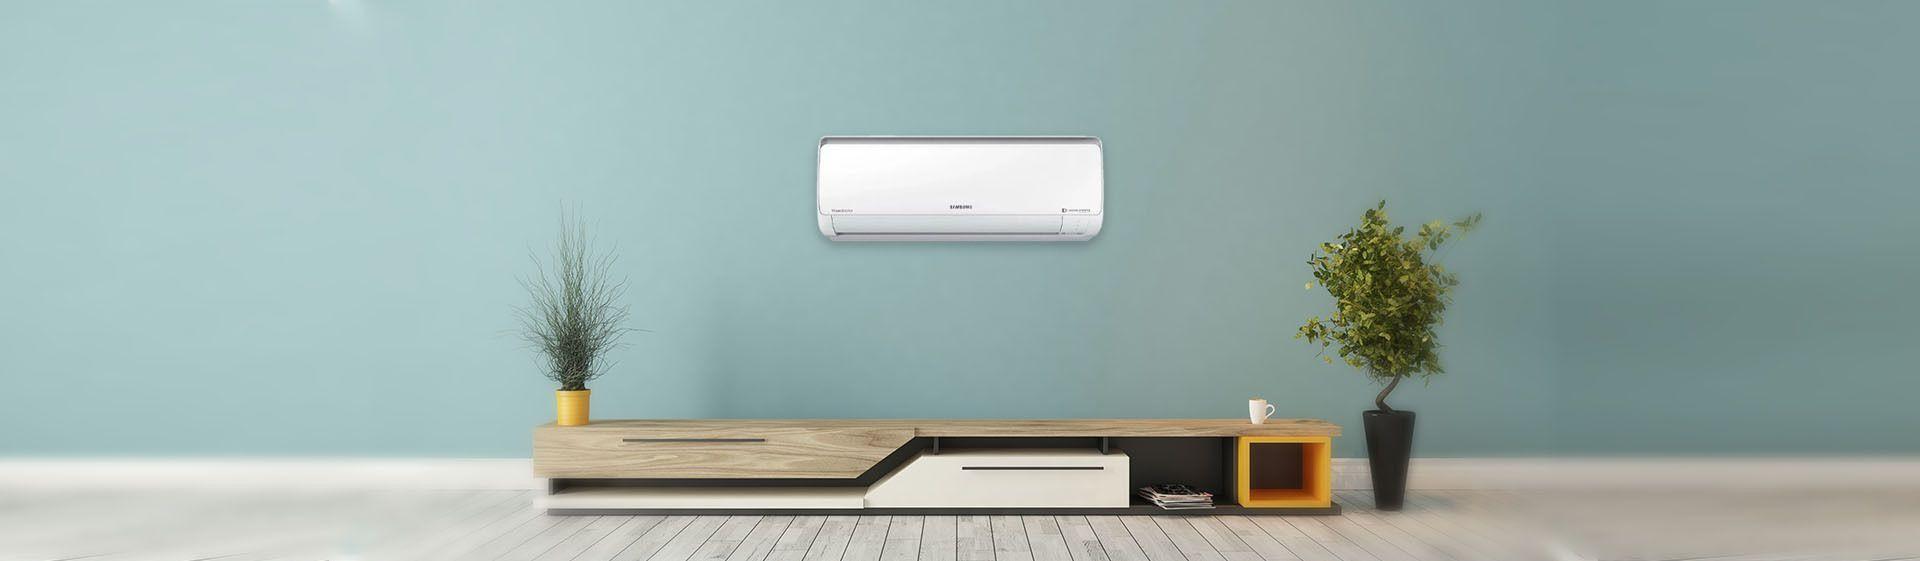 Melhor ar condicionado inverter em 2020: Samsung WindFree Plus lidera lista!